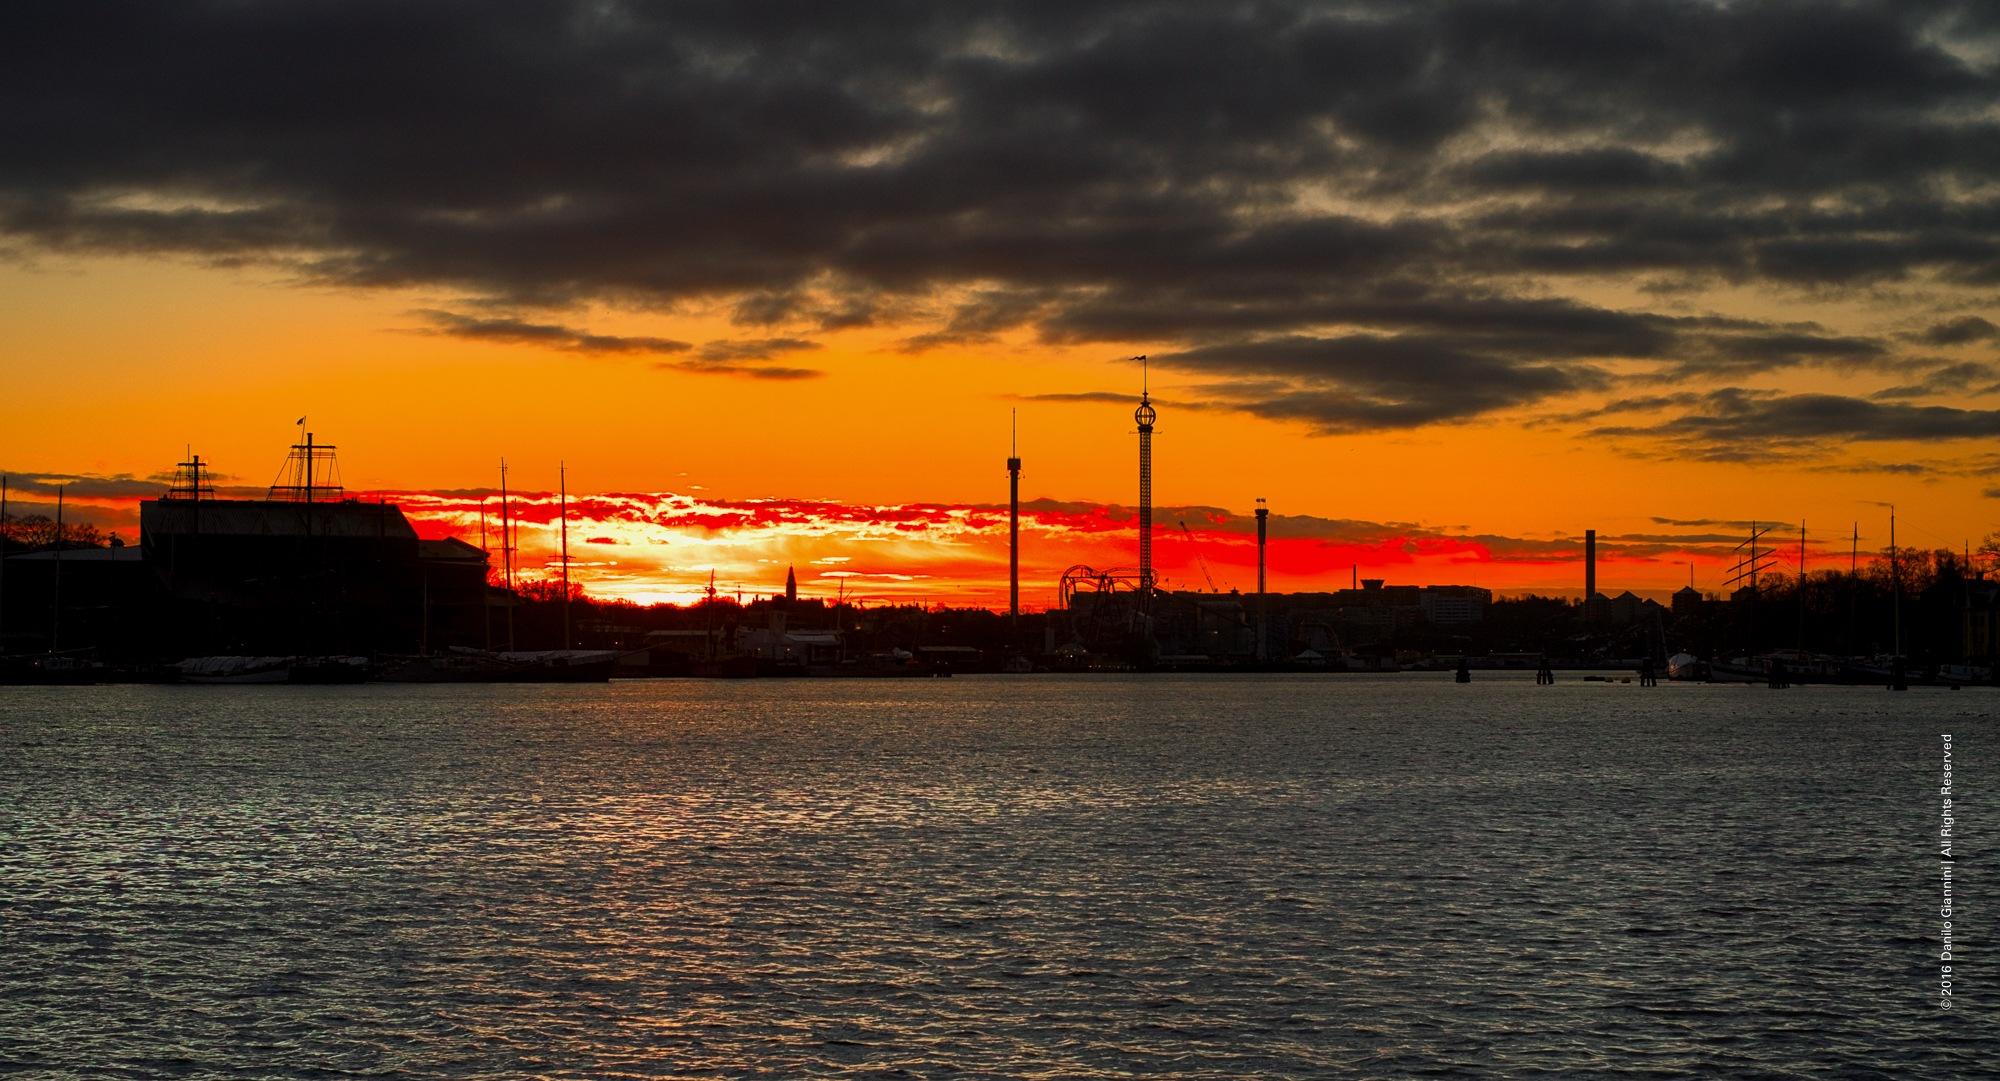 red skyline by Danilo Giannini